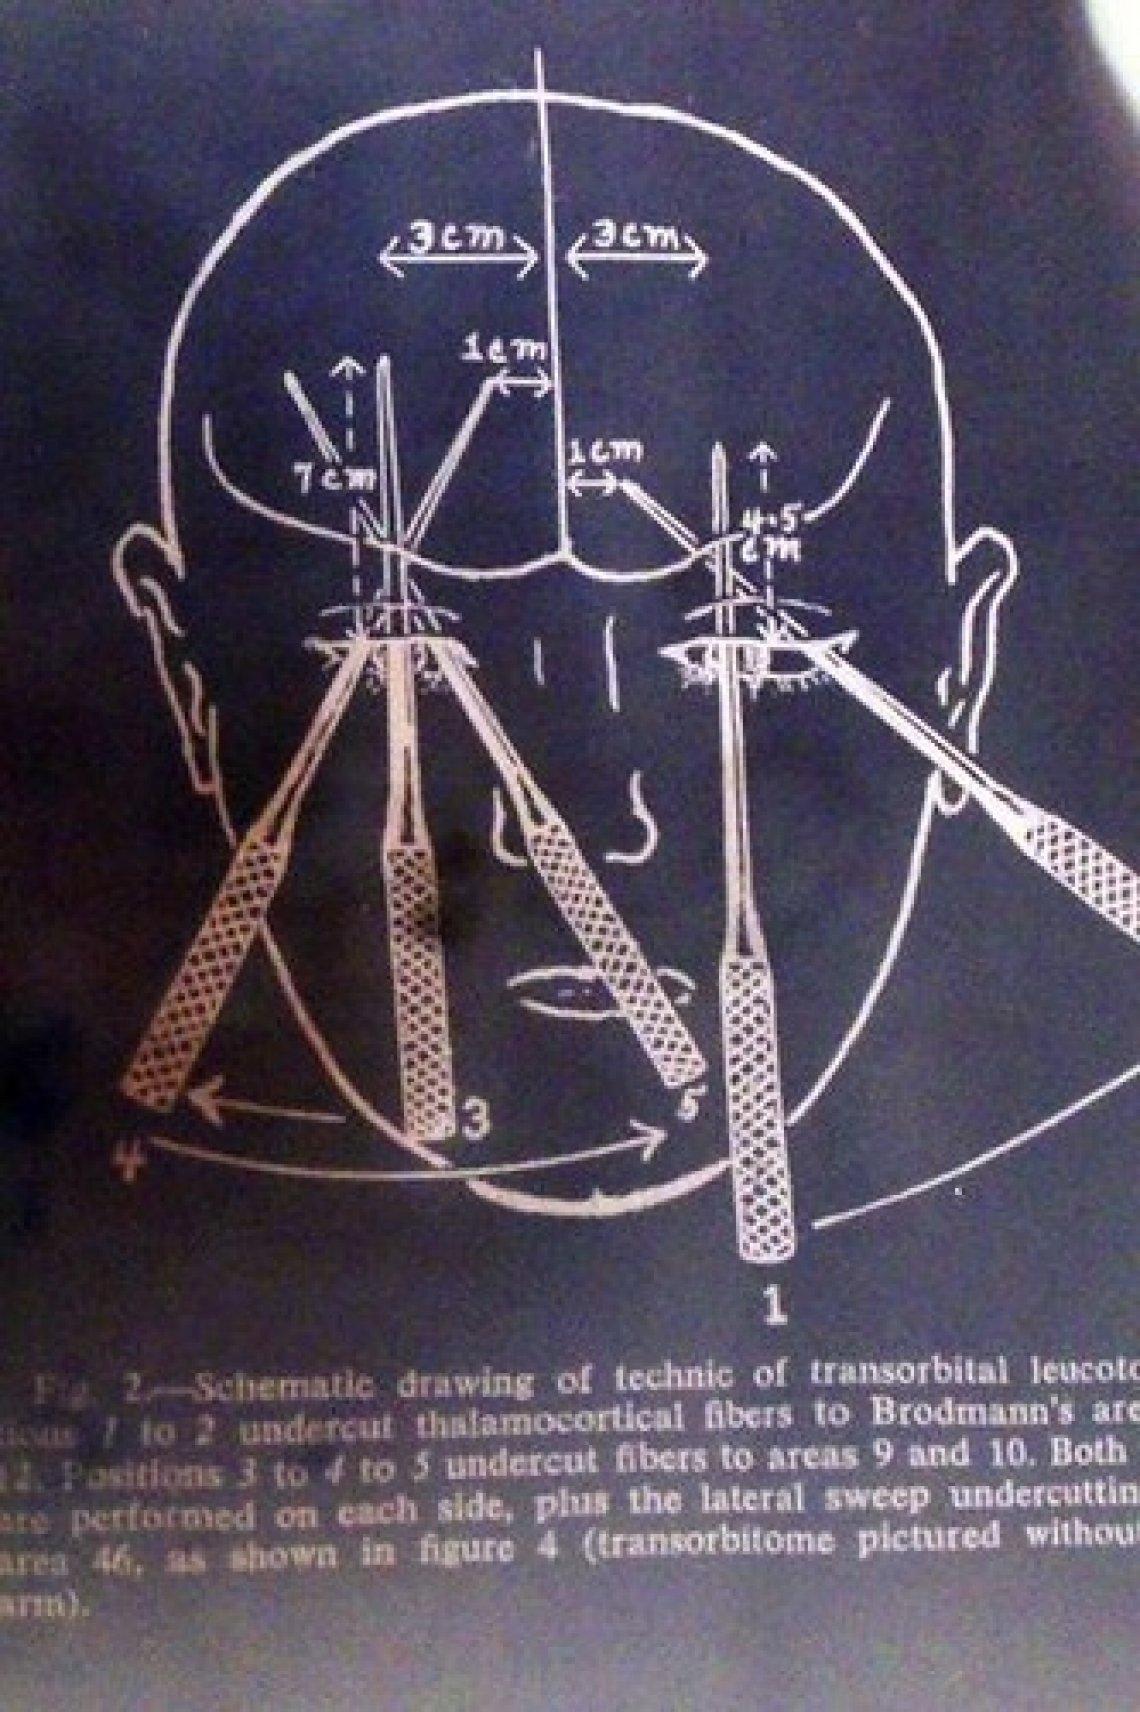 Lobotomie mozku - transorbitální lobotomie